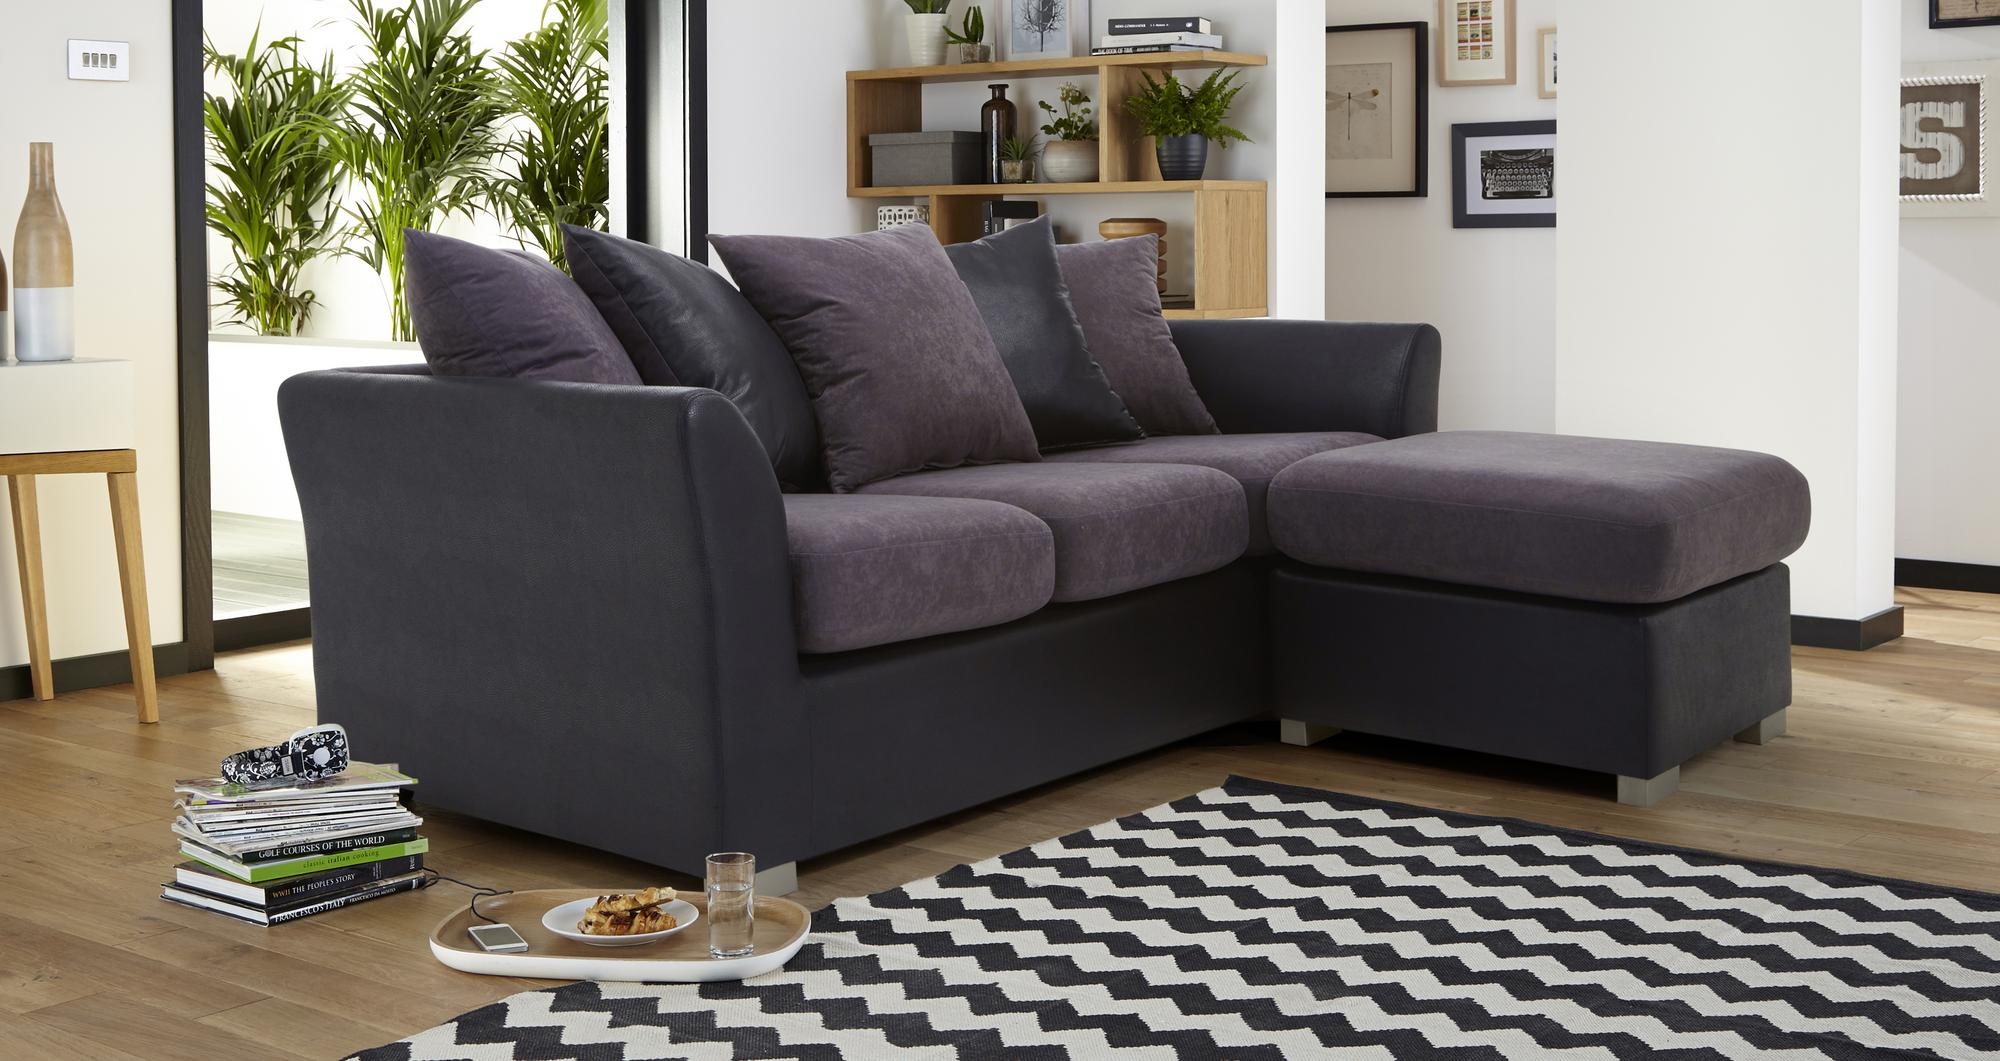 Dfs Corner Sofa Second Hand Sofa Review